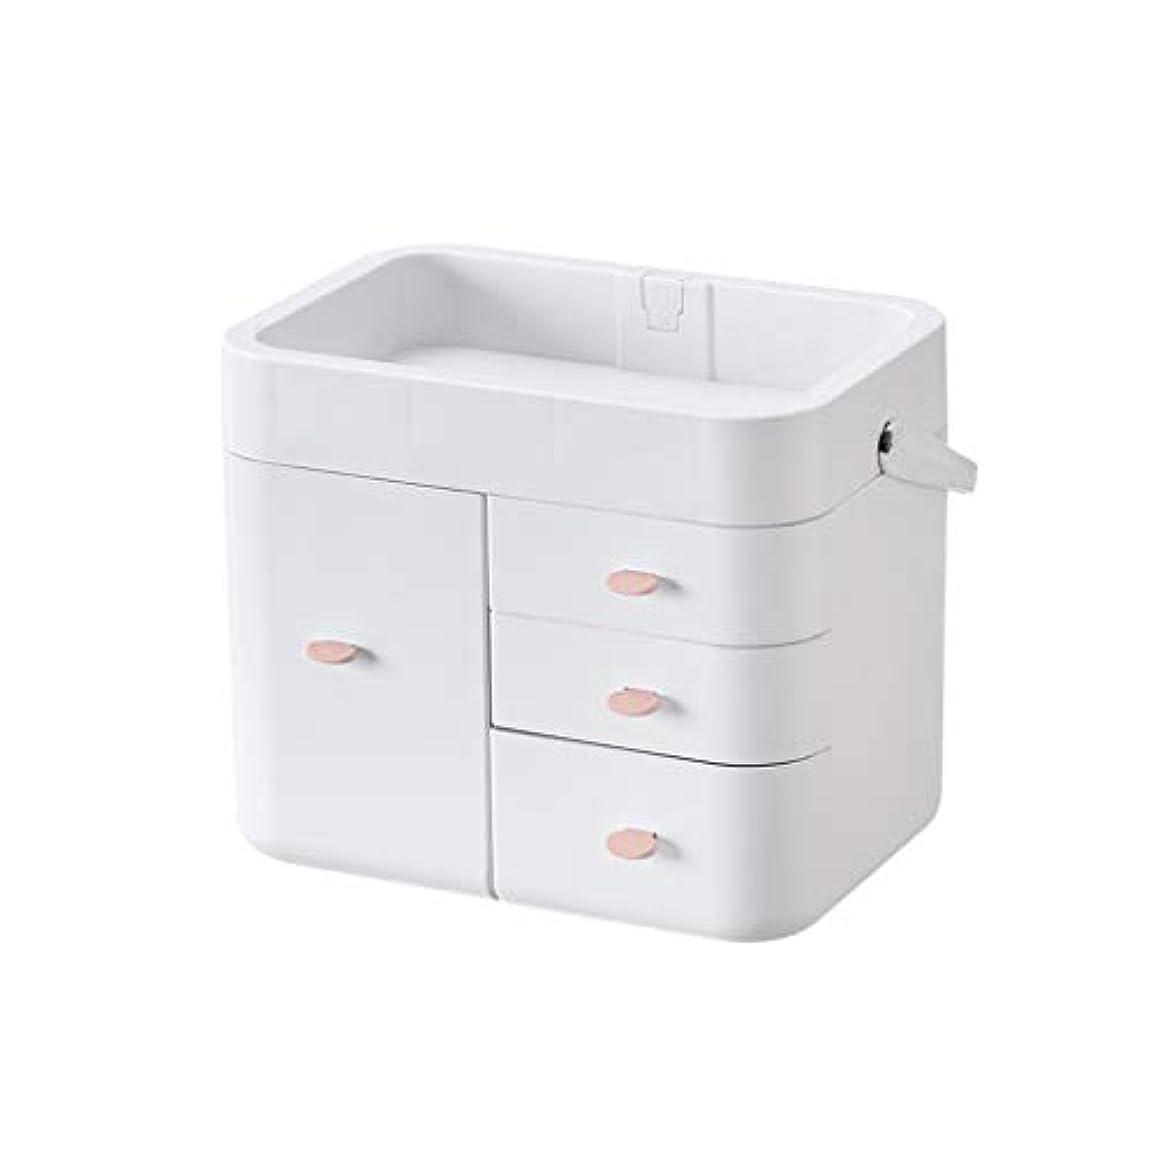 リー海港呪い化粧品オーガナイザー、ポータブル多機能化粧品ケース多層収納ボックス (色 : B)